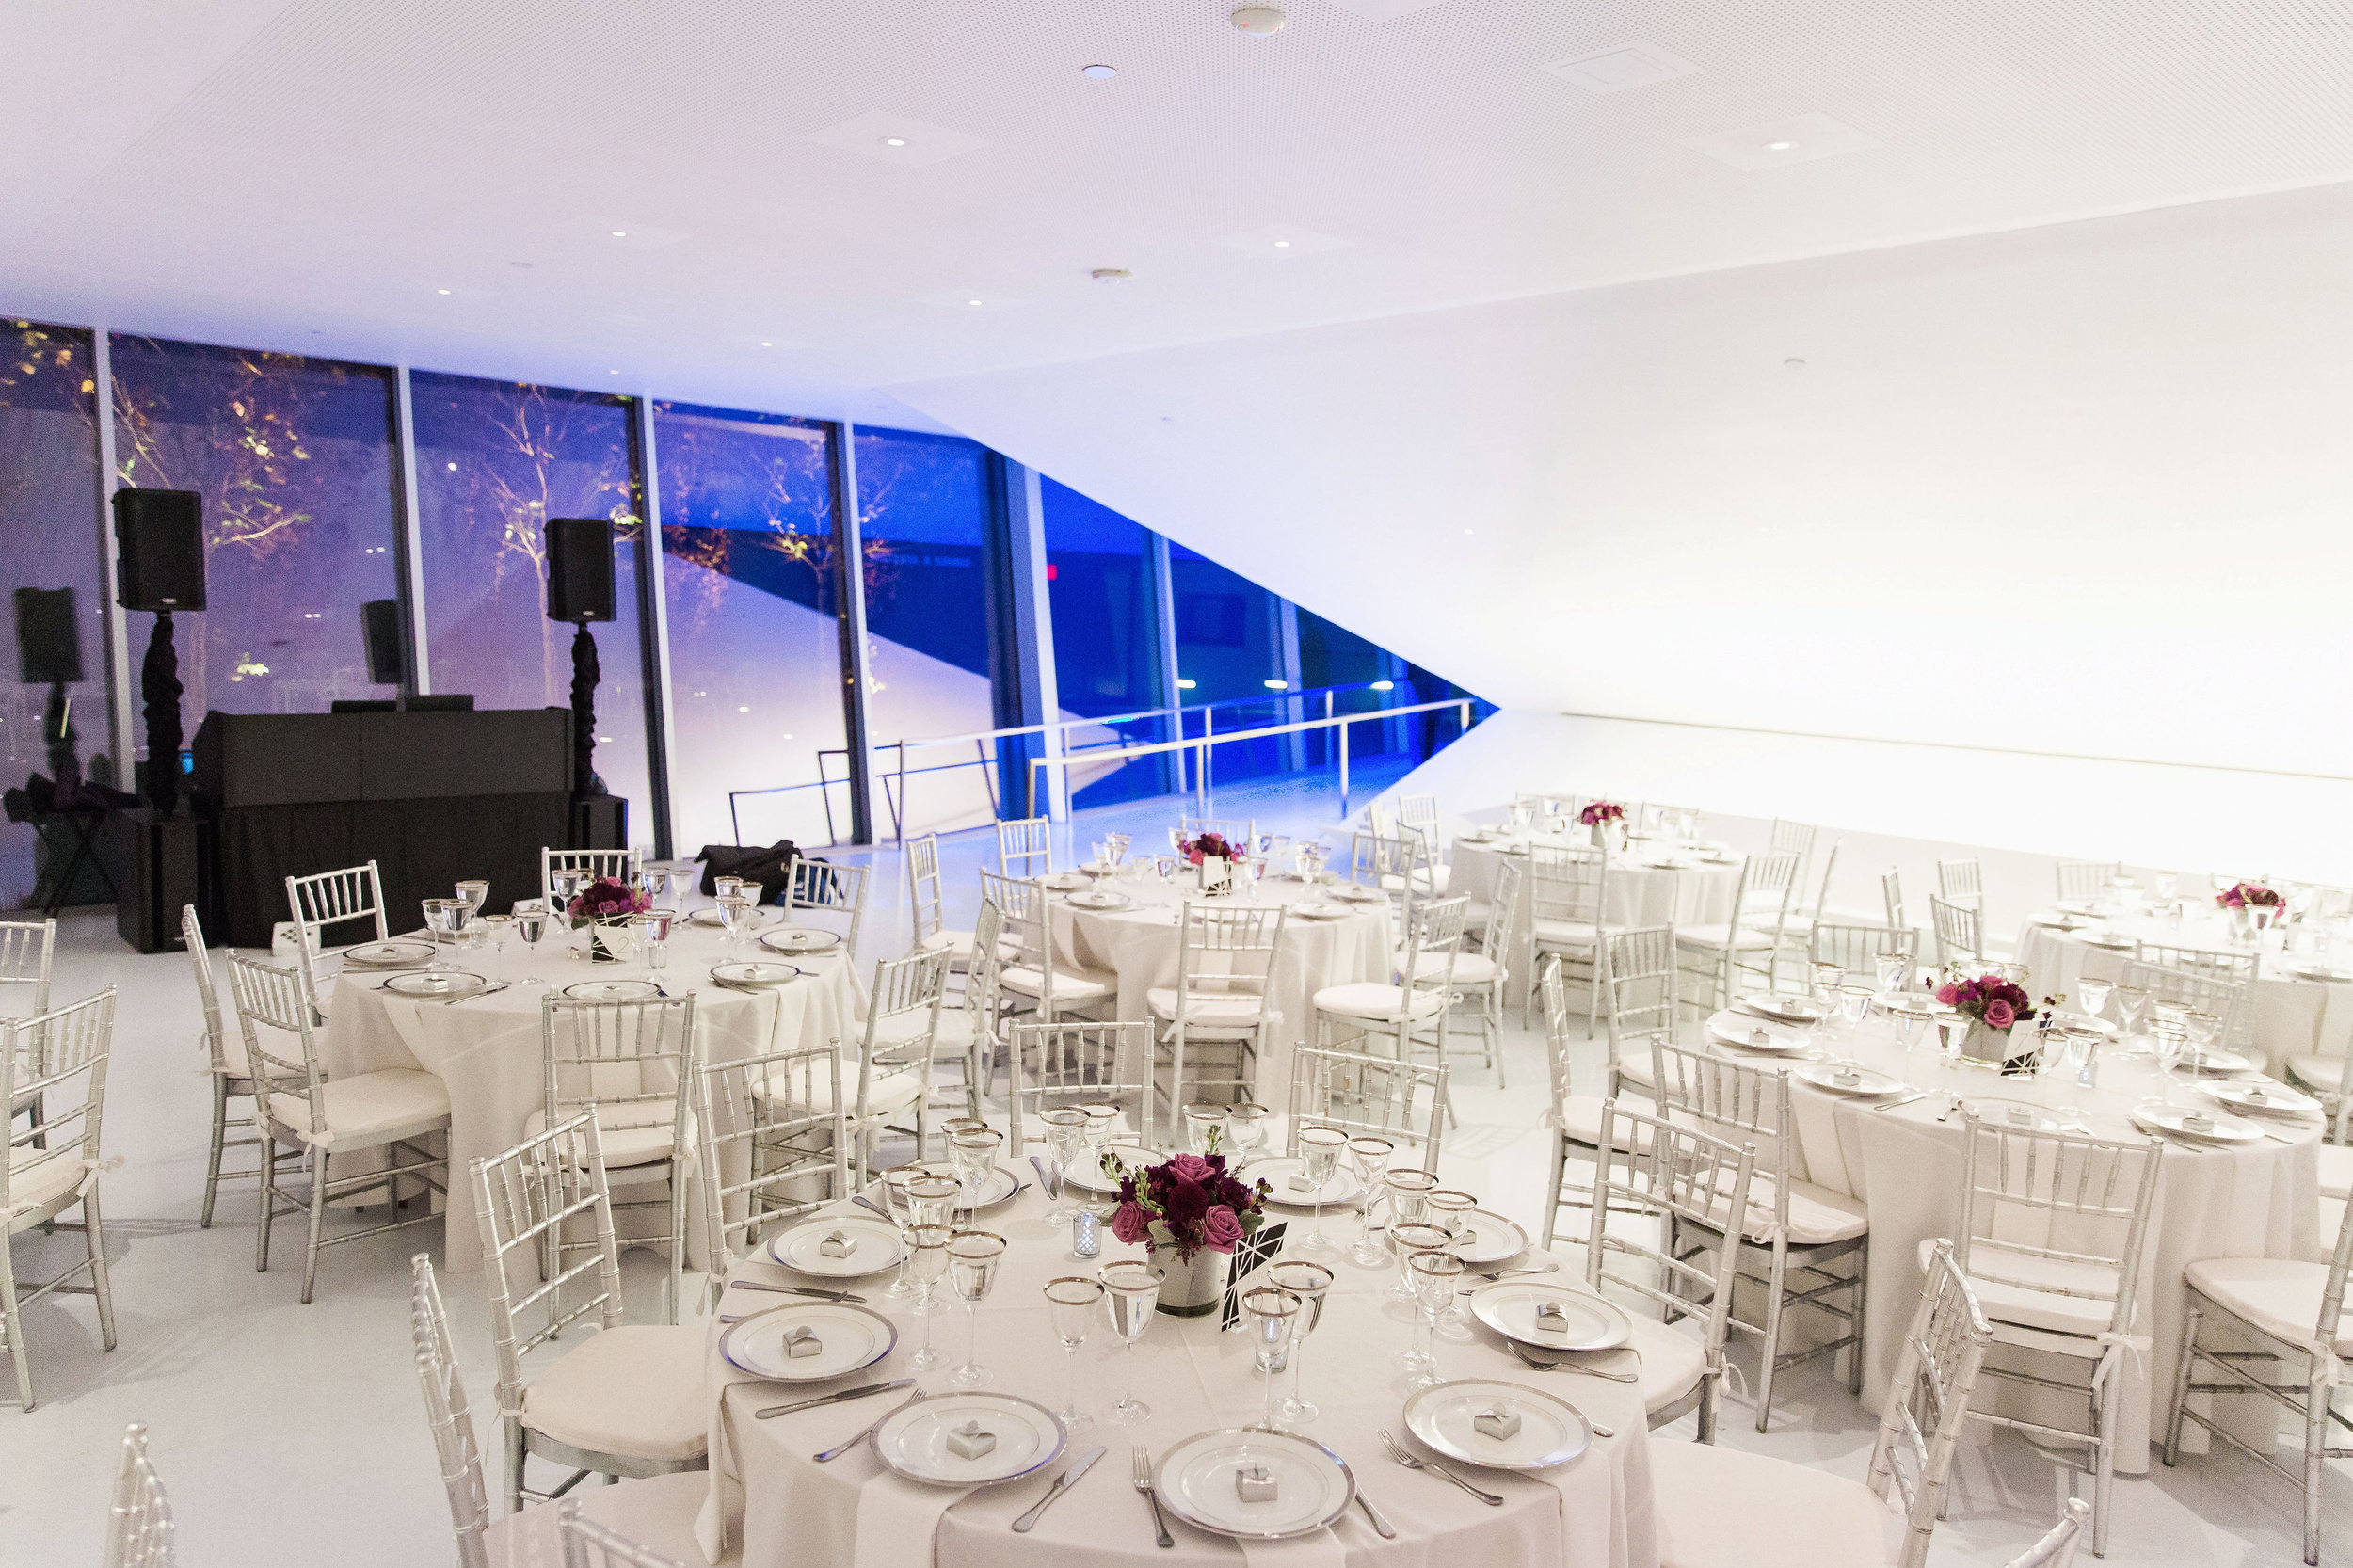 martha stewart weddings - Why You Should Plan a December Wedding